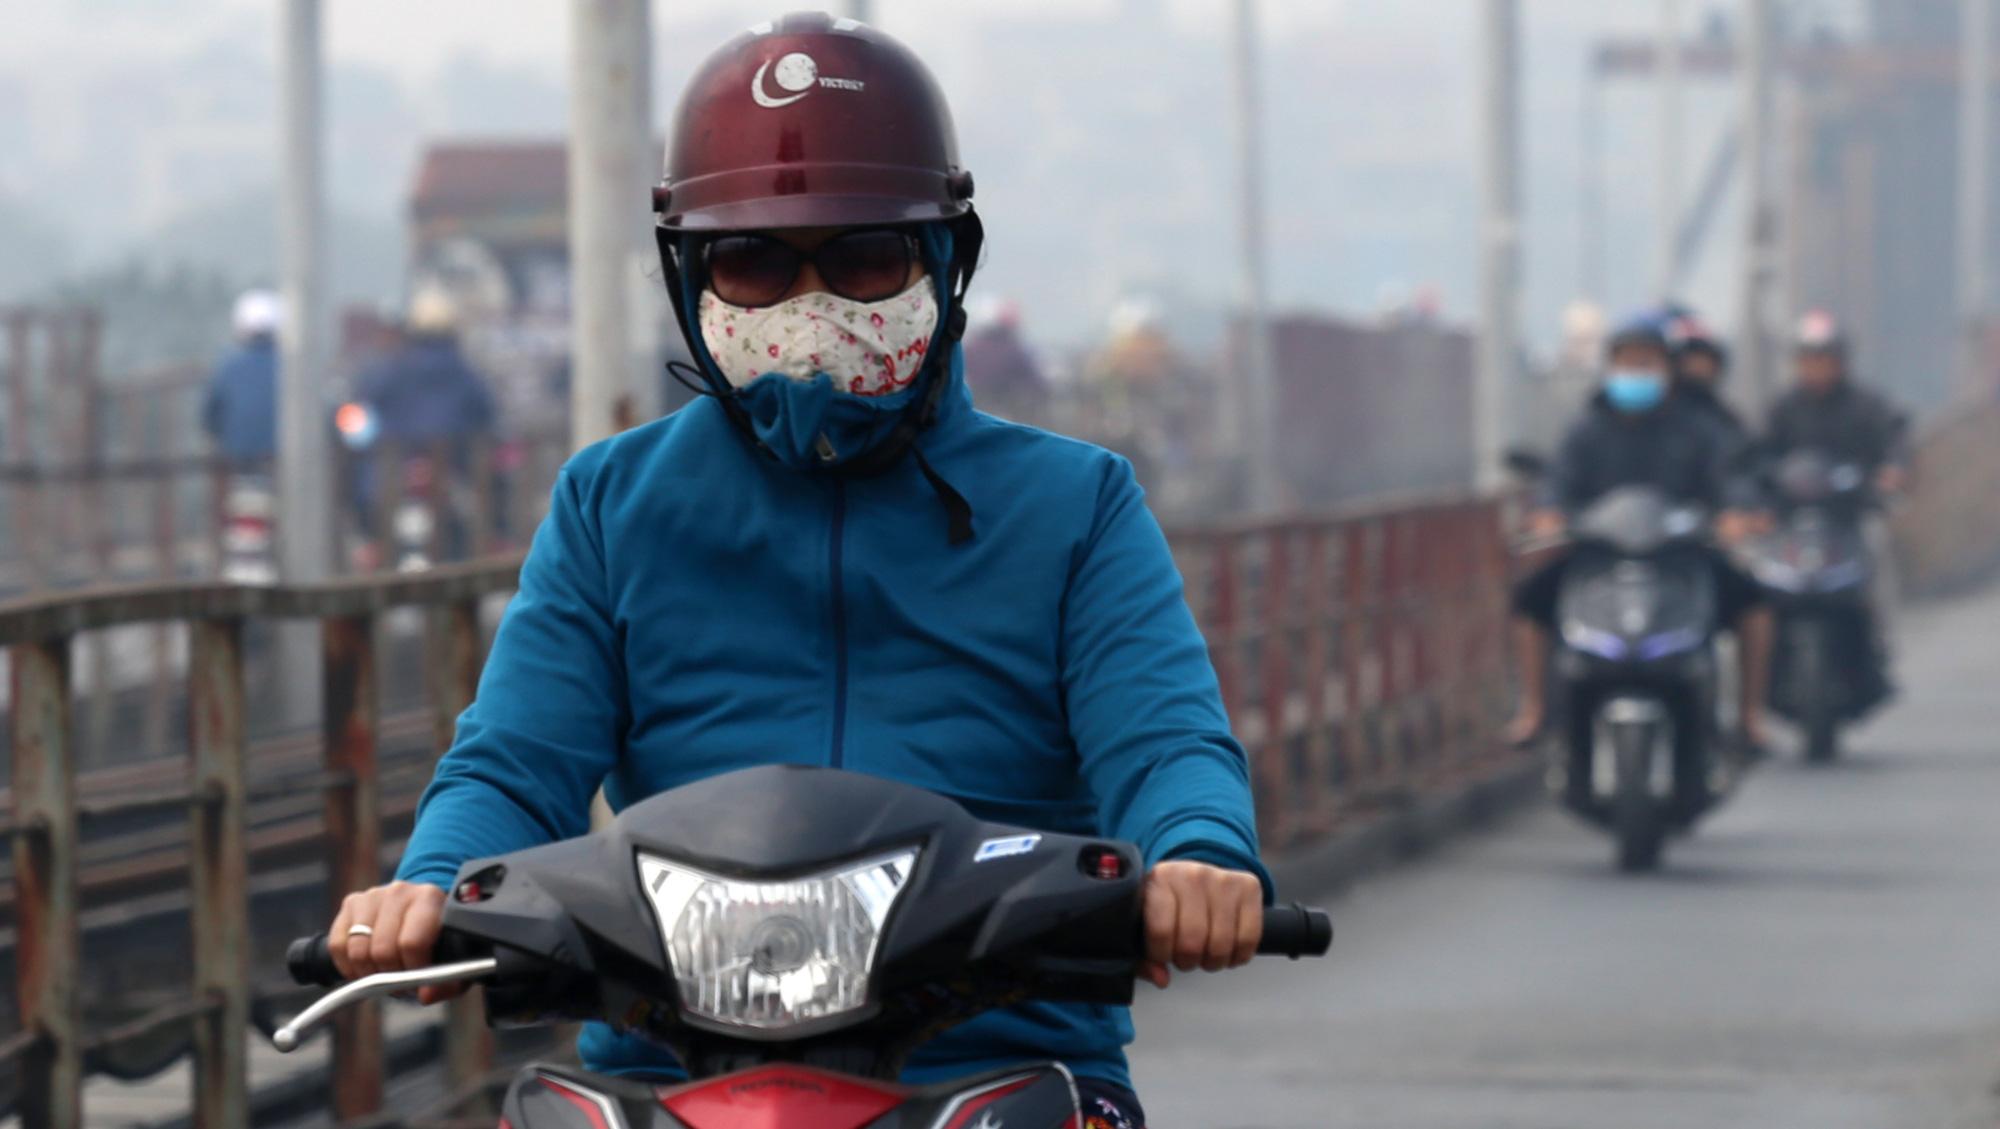 Hà Nội ô nhiễm không khí ở mức cảnh báo tím từ sáng đến chiều - Ảnh 16.